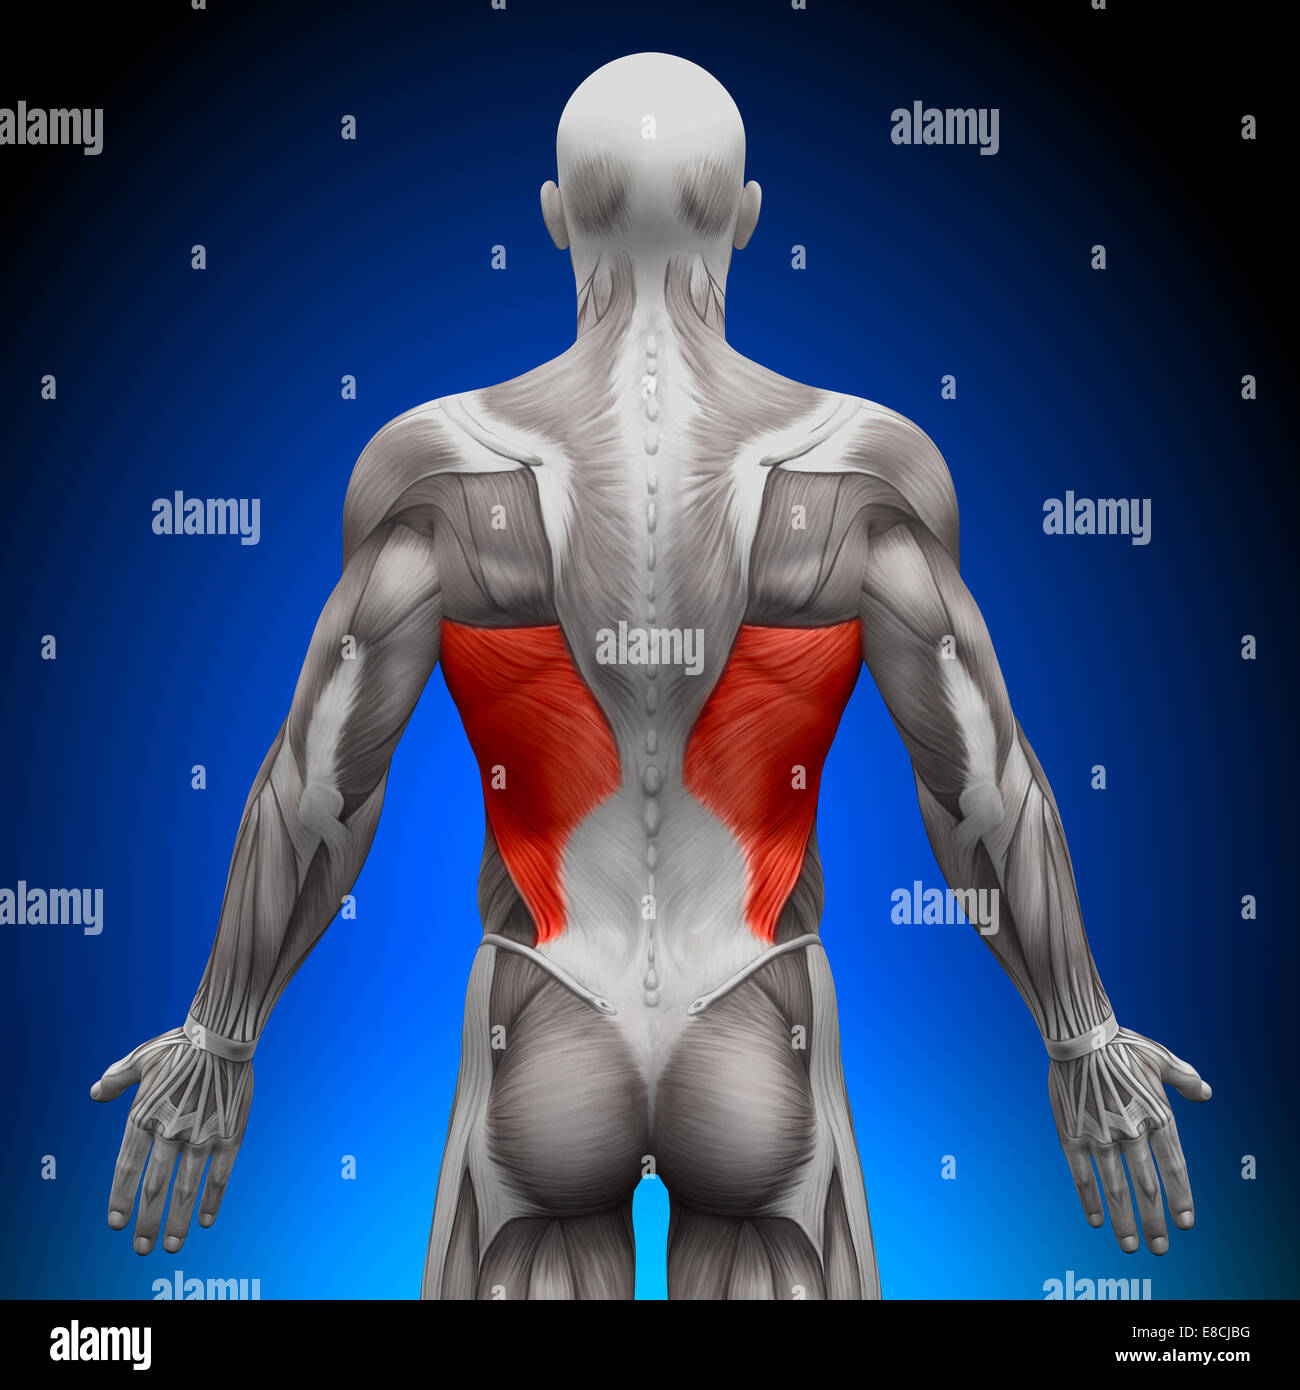 Latissimus Dorsi Muscles - anatomie Photo Stock